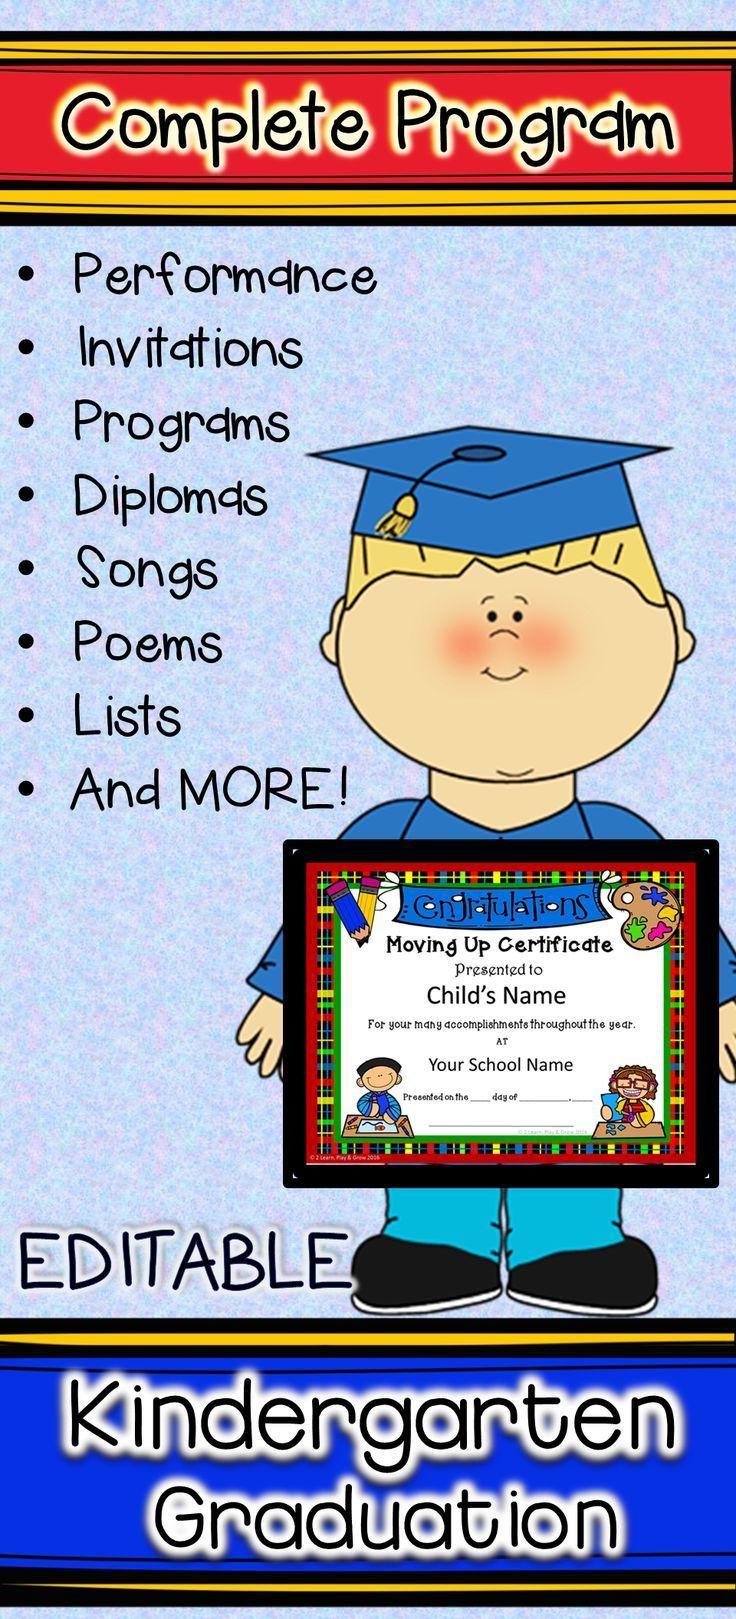 Complete Kindergarten Graduation Program With Diplomas Certificate Kindergarten Graduation Programs Preschool Graduation Songs Kindergarten Graduation Diploma [ 1619 x 736 Pixel ]